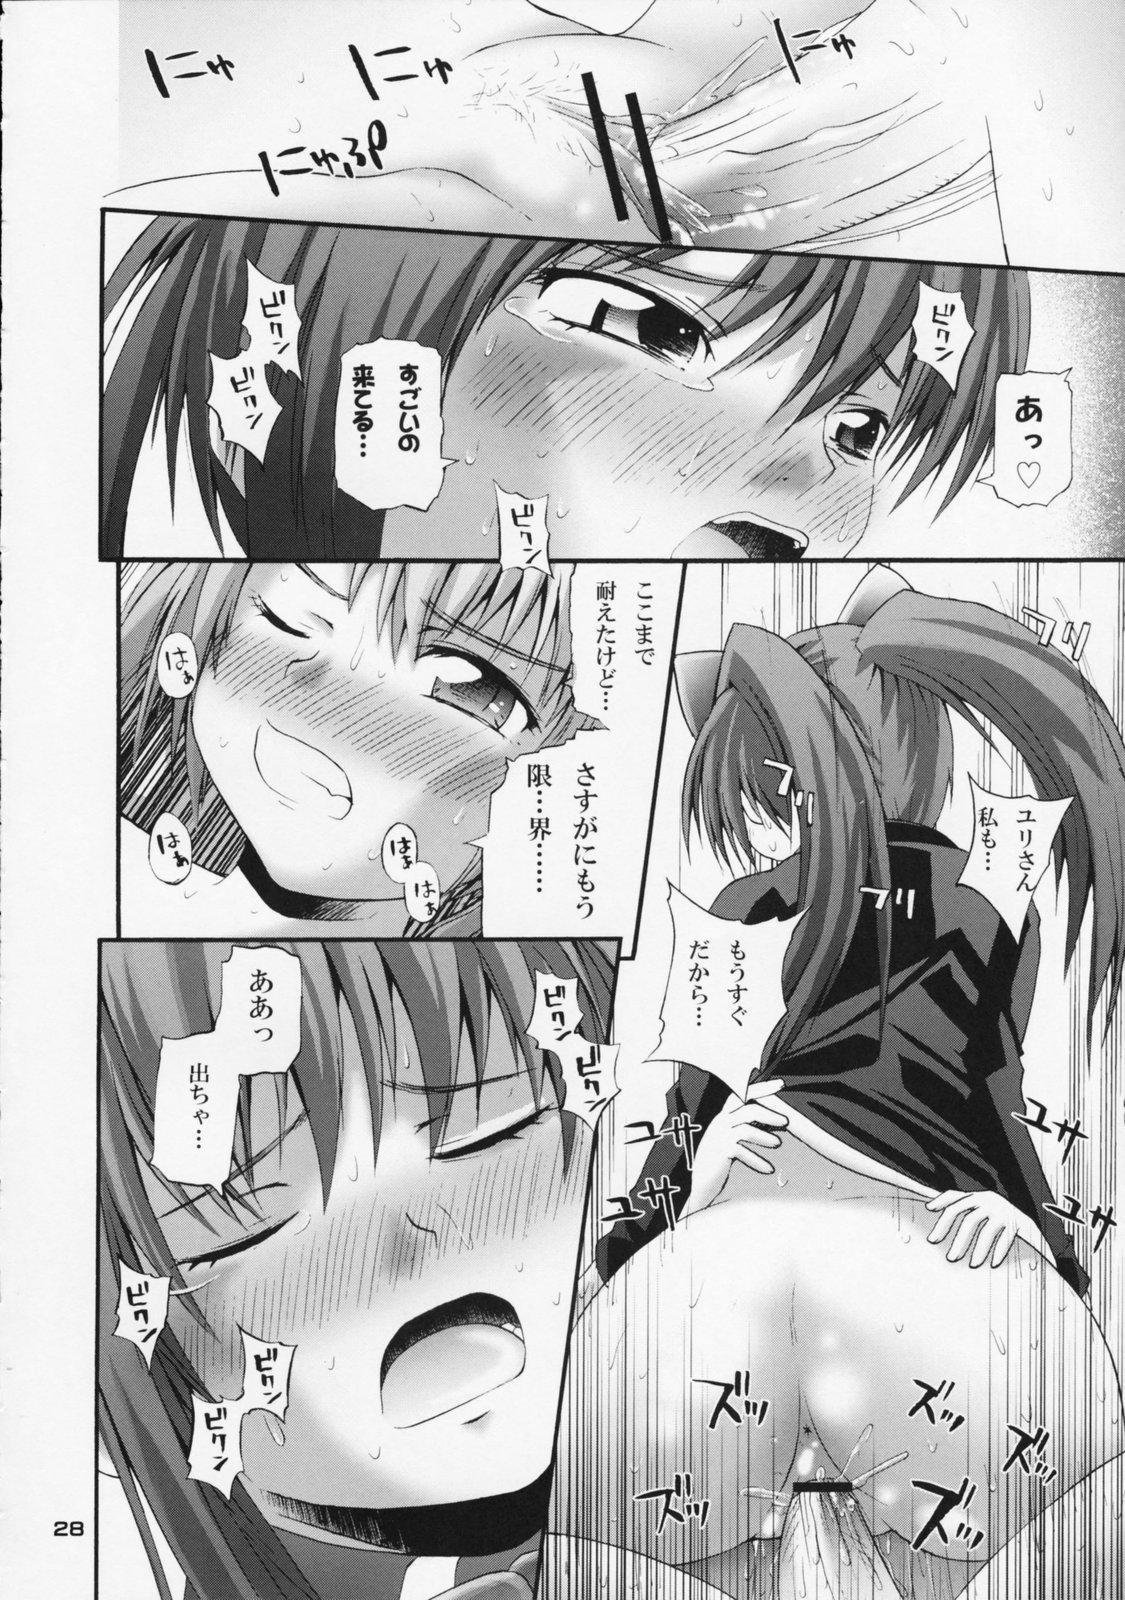 Aloe wa Yuri-ka no Ryouseizoku 27